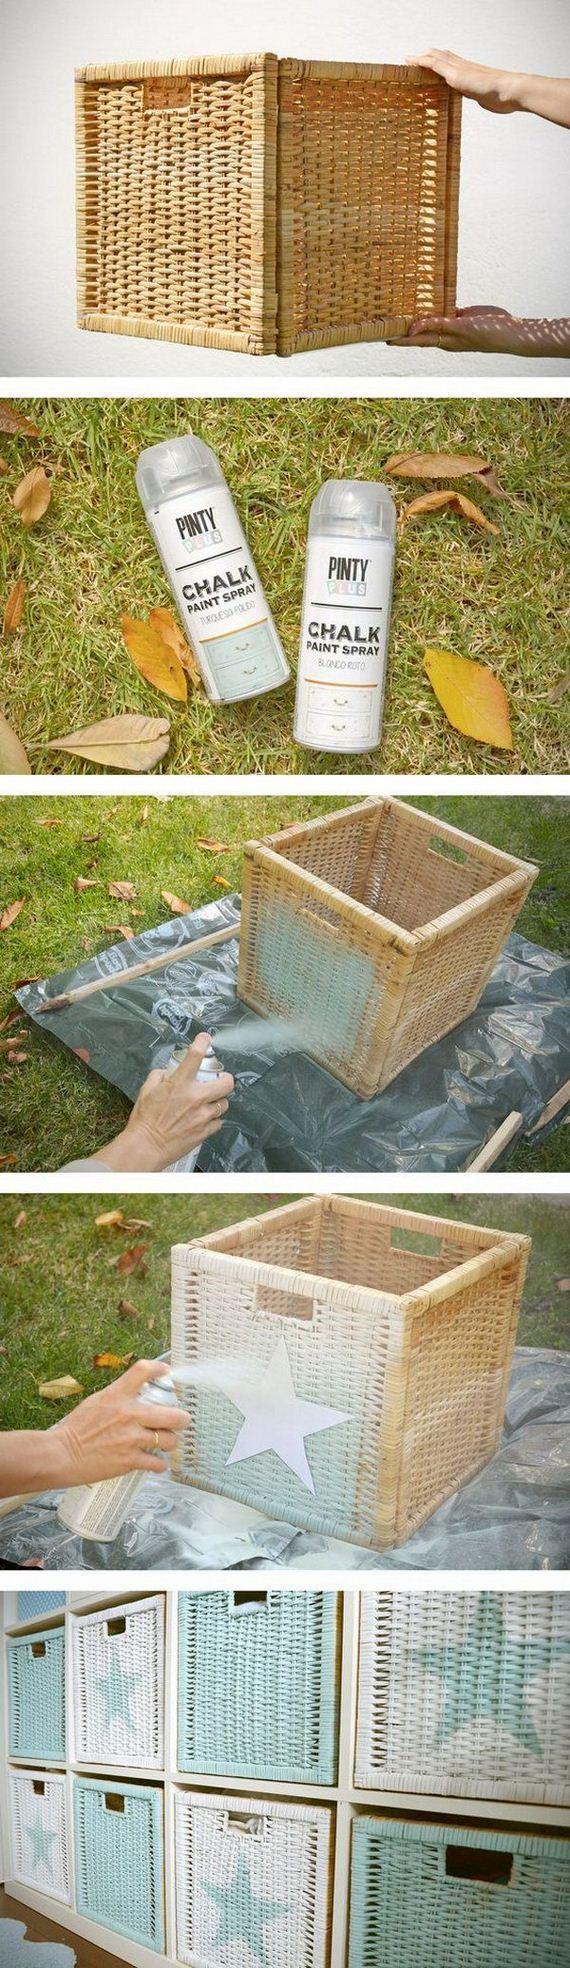 27-spray-paint-ideas